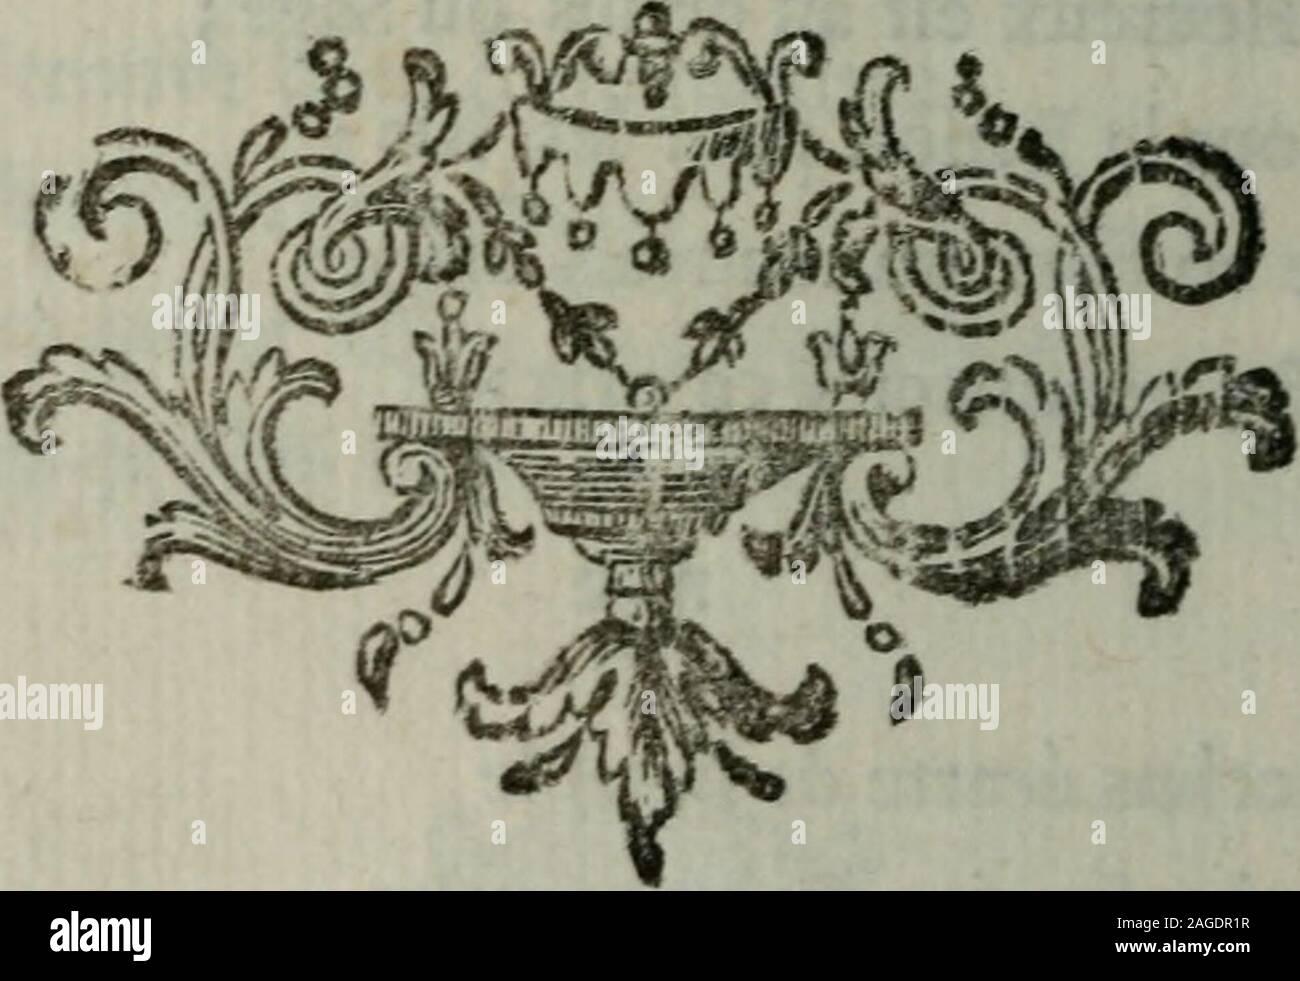 Maître D Oeuvre Orléans oeuvres, dédiées à s.a.s.m. le duc d'orléans. buvons avec